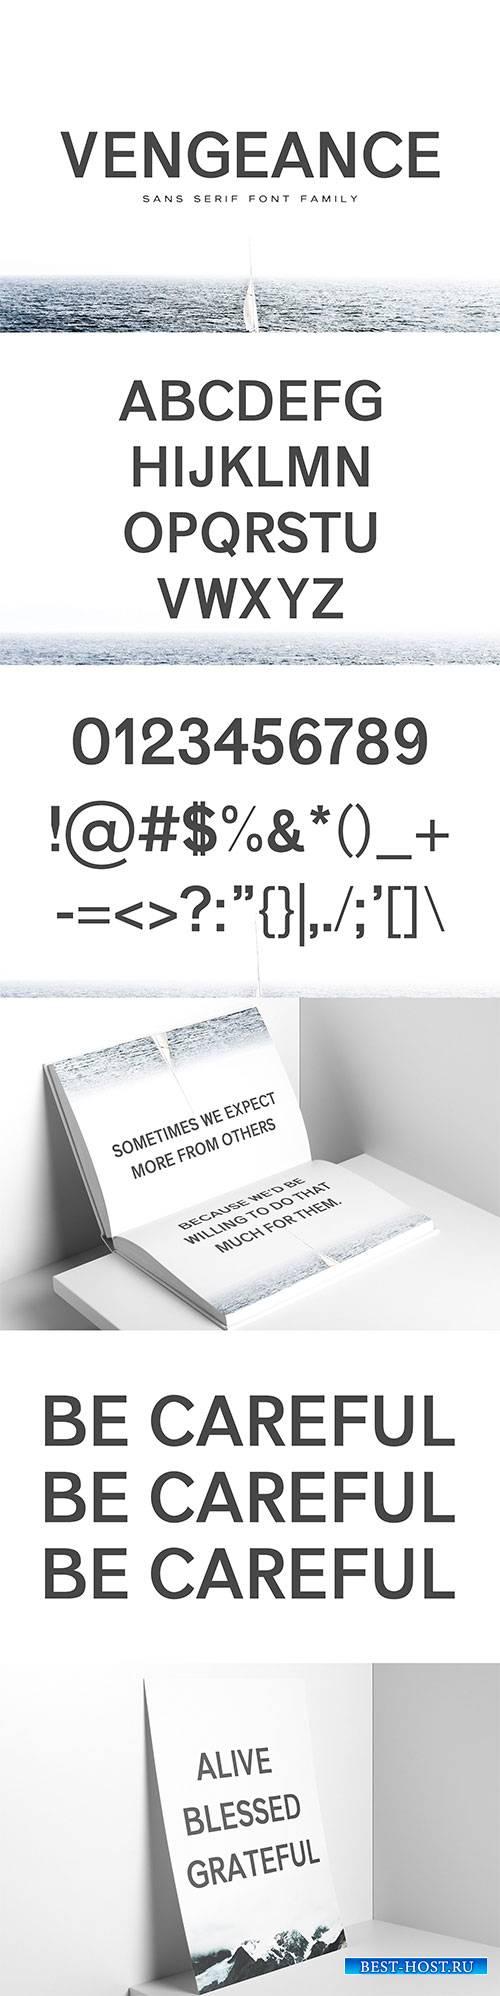 CM - Vengeance Sans Serif Font Family 1365076